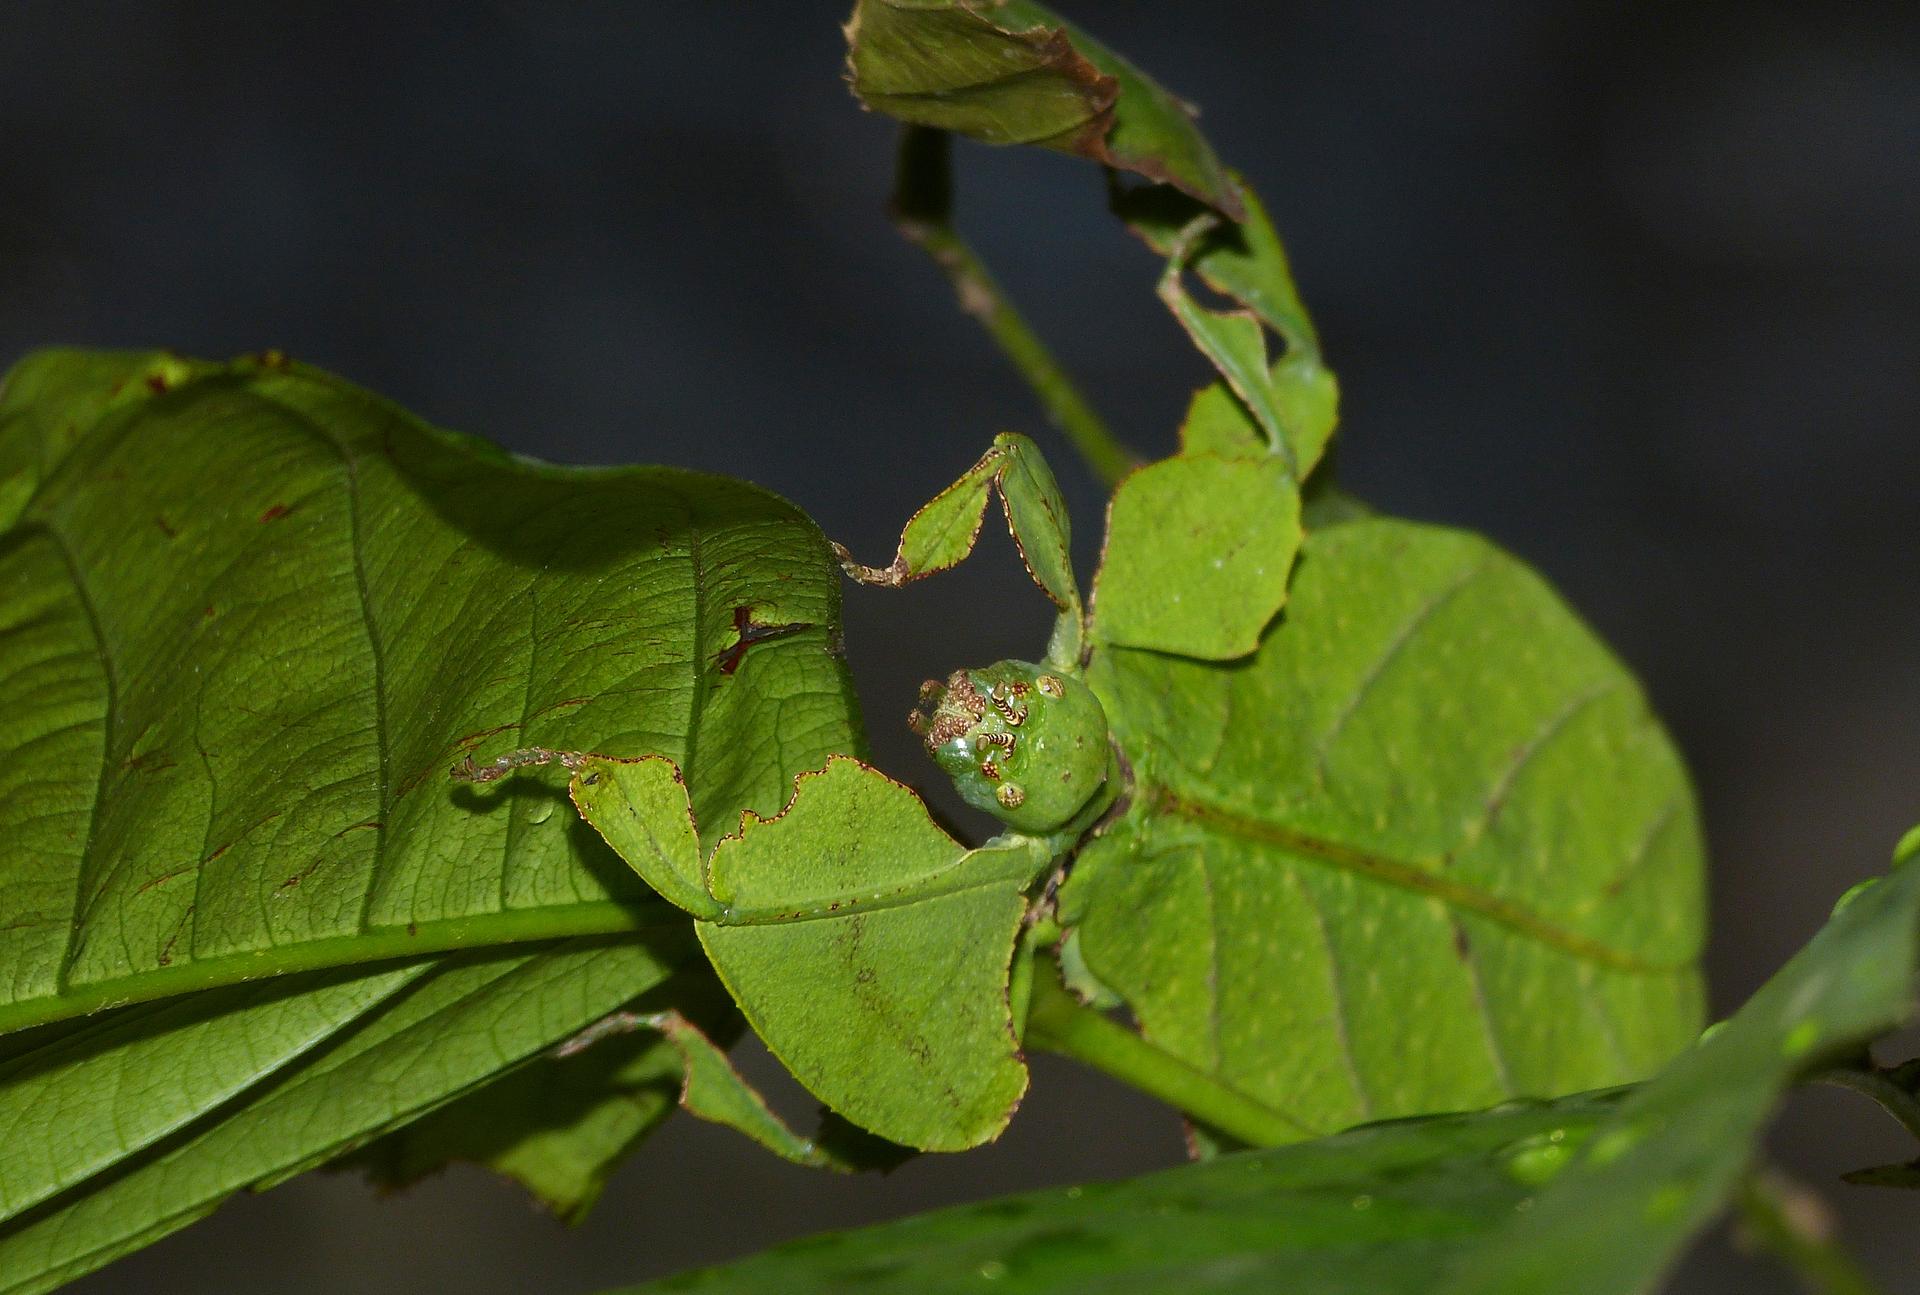 Zielona gałązka zliśćmi. Ma niej słabo widoczny liściec. Jego kształt ikolor przypomina liść.